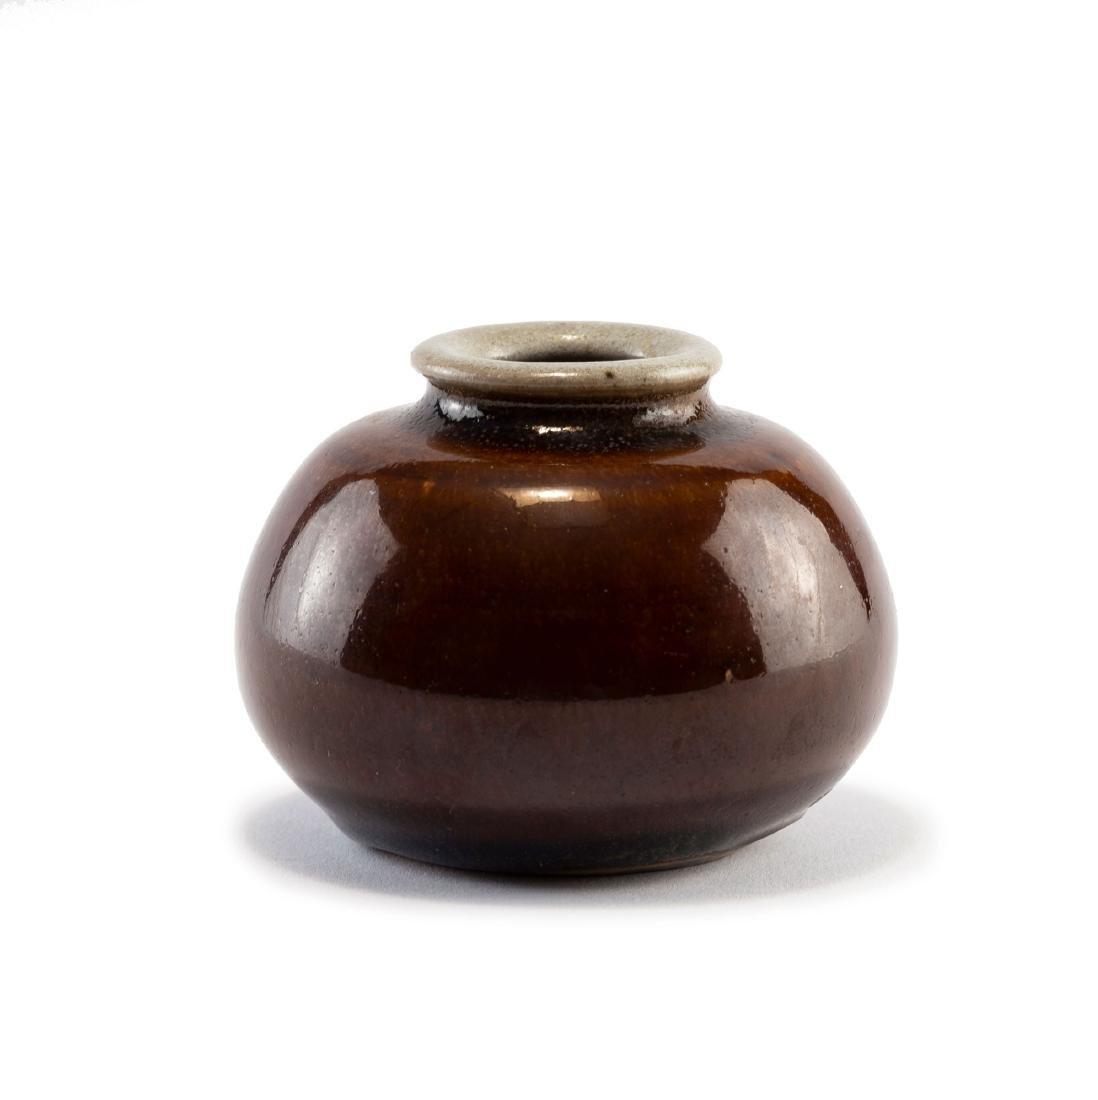 Small vase, 1930s